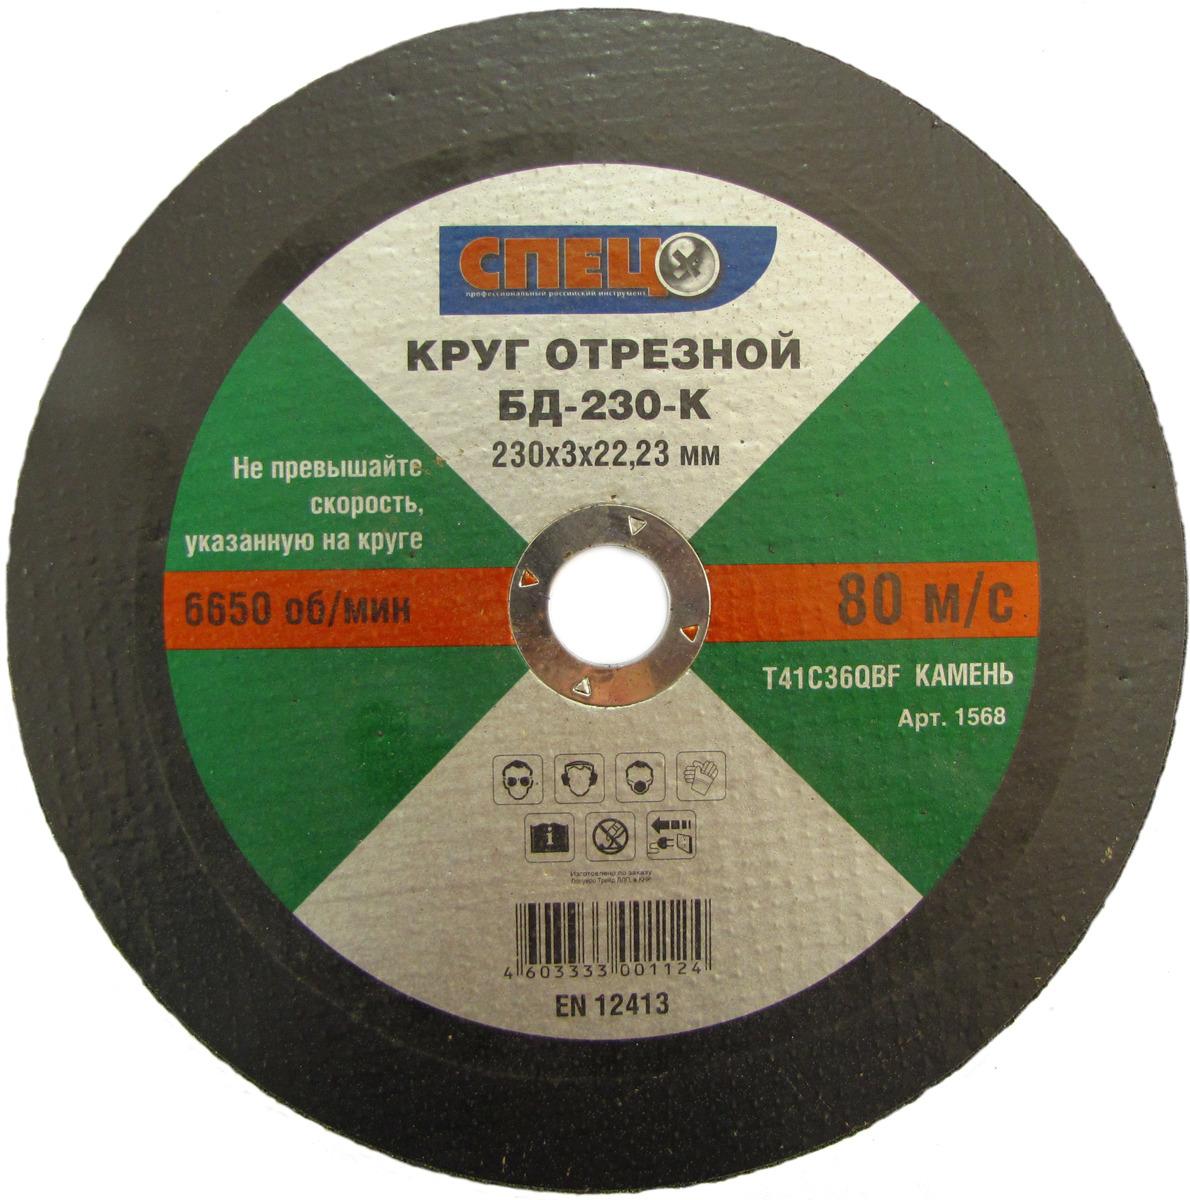 цена на Круг отрезной Спец БД-230-К, по камню, СПЕЦ-1568, диаметр 23 см, 2 шт